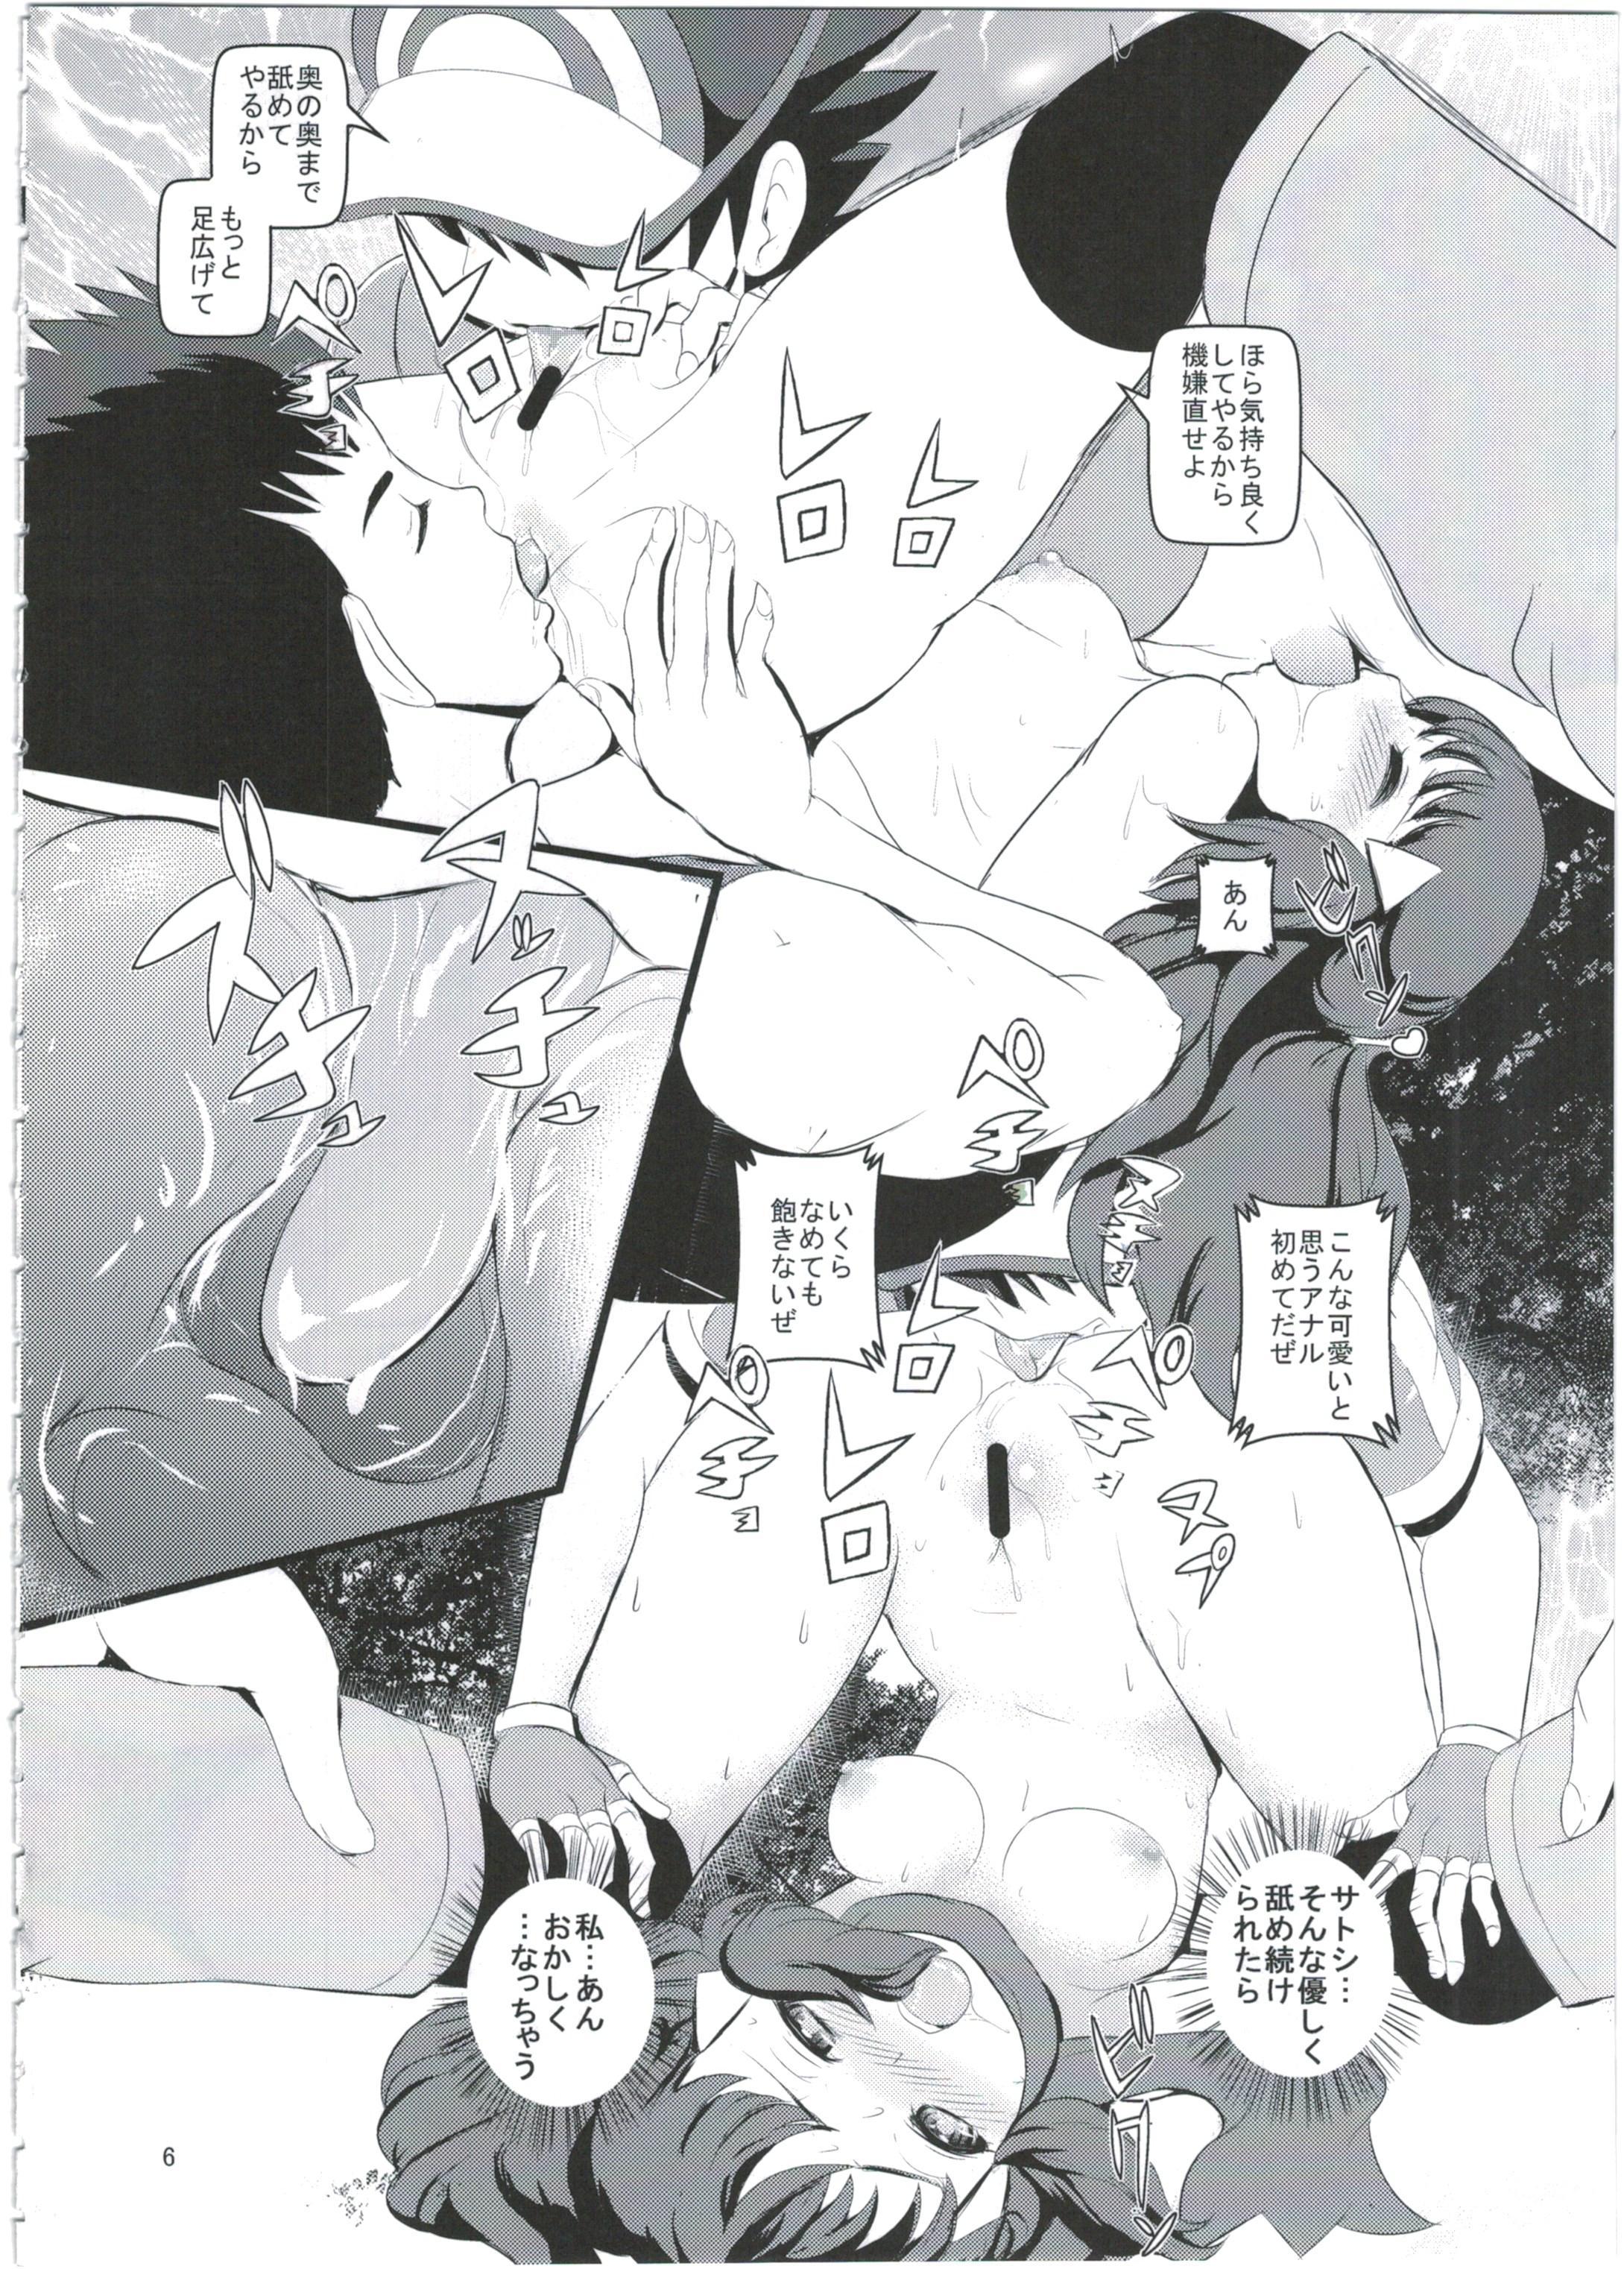 SatoSHI to TakeSHI no Futari wa PuriPuri 2 5